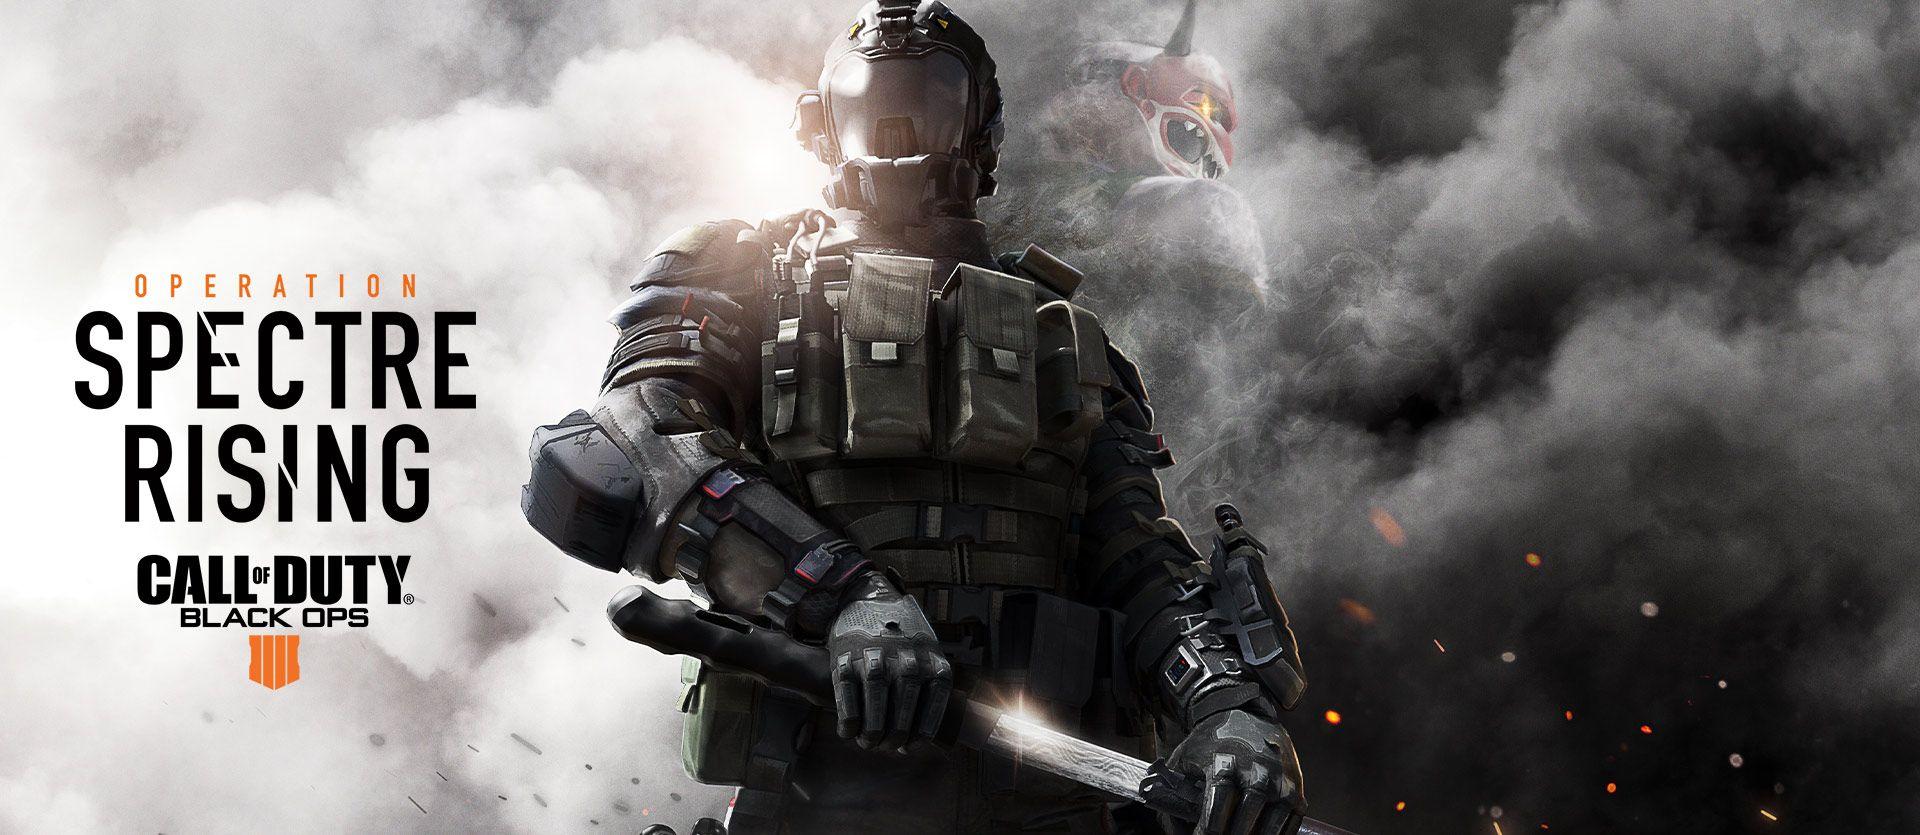 Call Of Duty Desktop Wallpaper 1920x1080 60hrz Misfitkarma Com